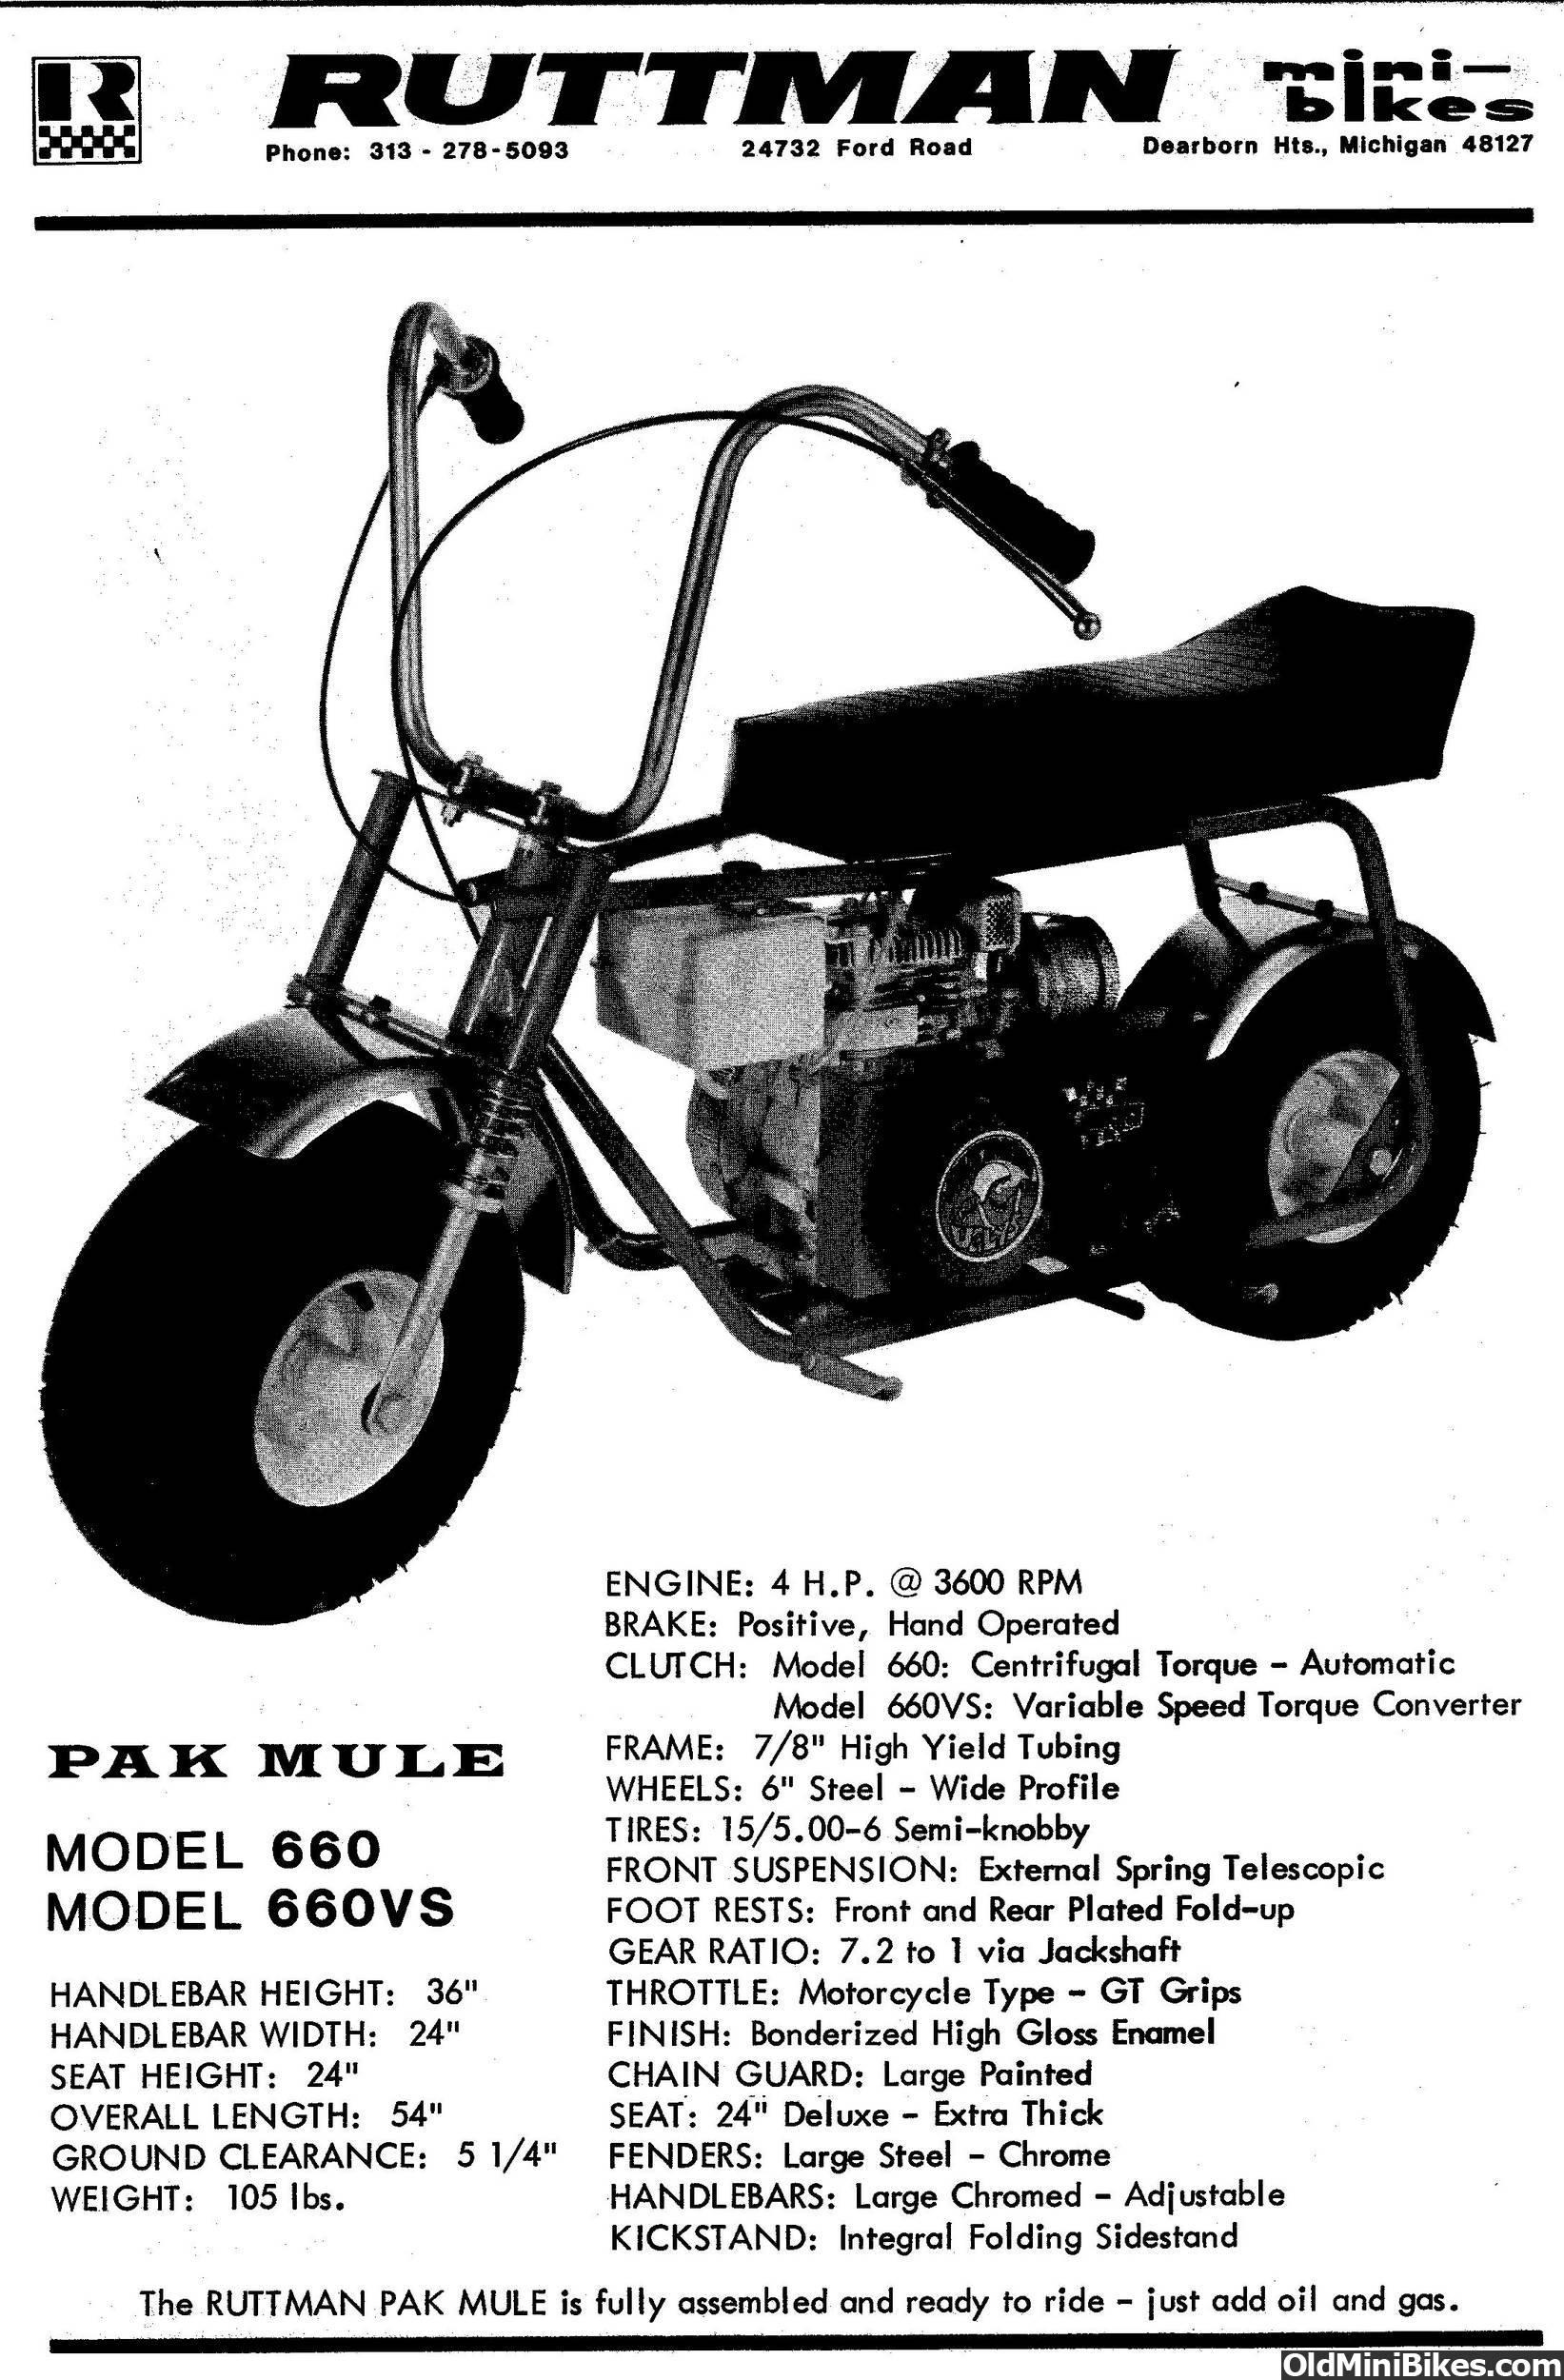 Ruttman Mini Bike : ruttman, Ruttman, Ideas, Bike,, Paks,